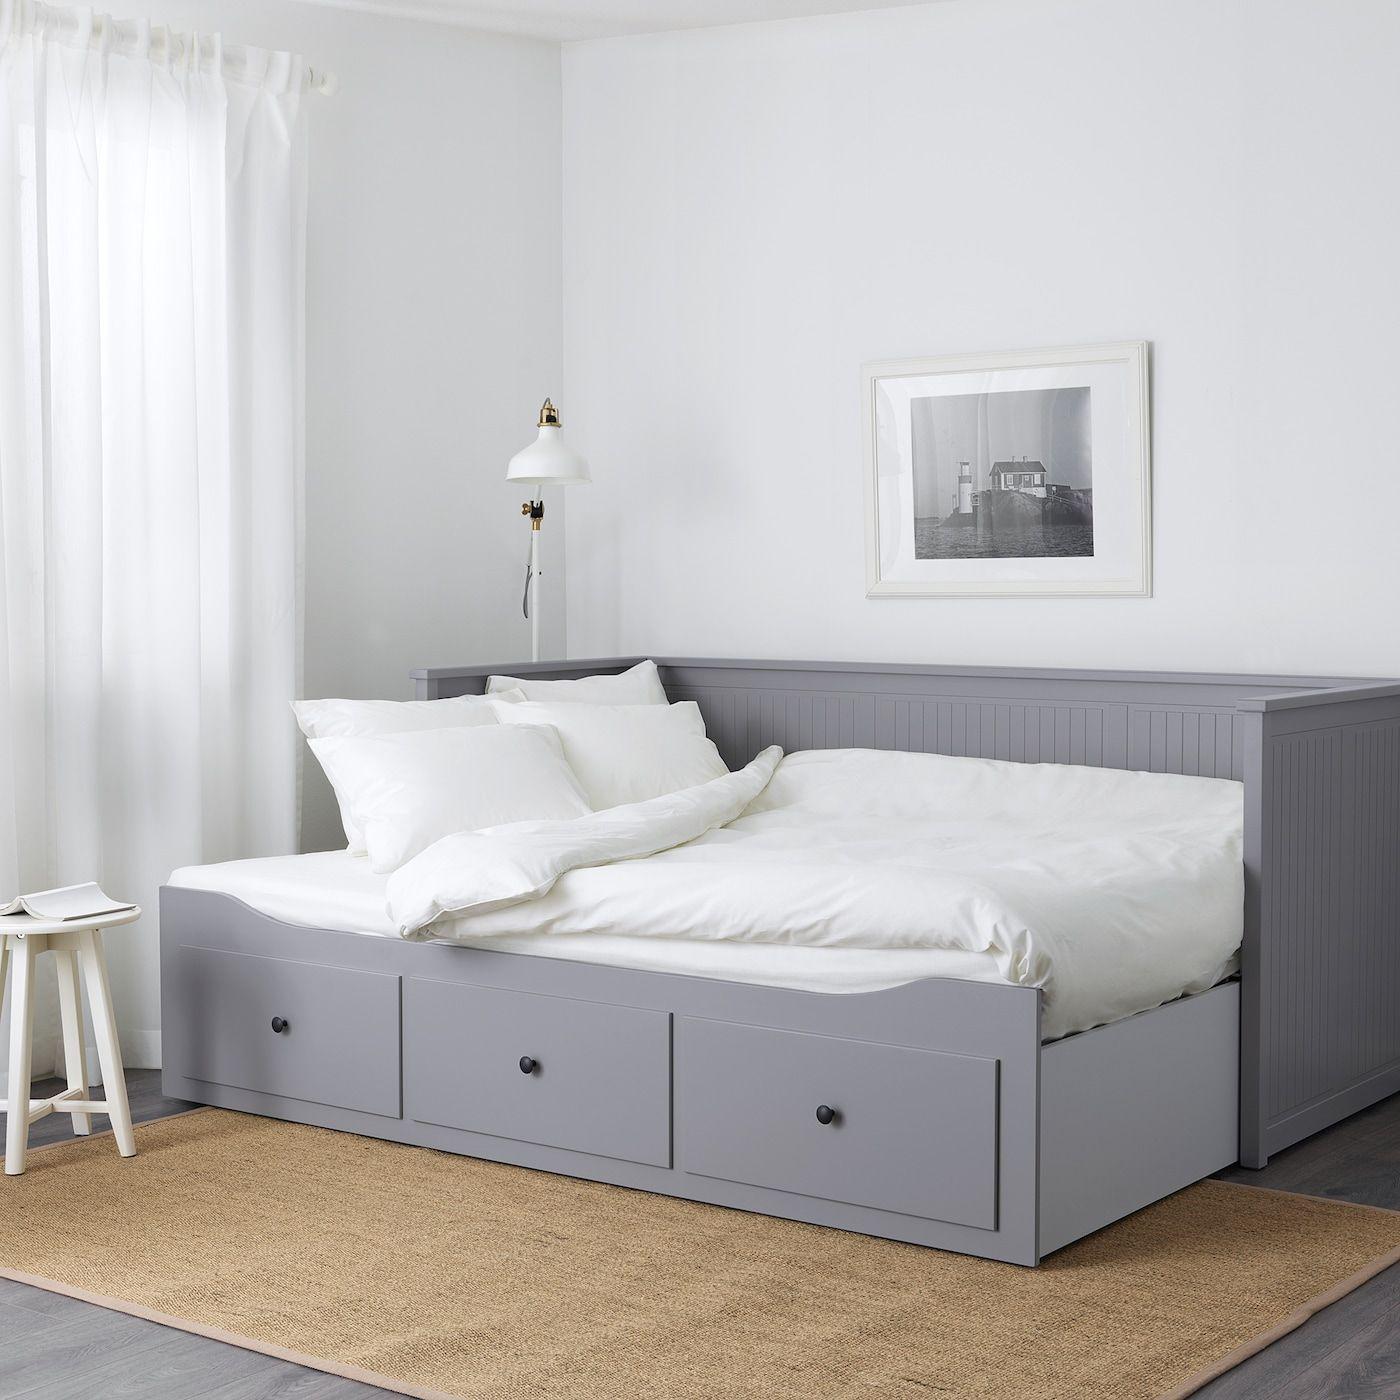 Hemnes Tagesbett 3 Schubladen 2 Matratzen Grau Moshult Fest Ikea Osterreich In 2020 Day Bed Frame Hemnes Day Bed Murphy Bed Ikea